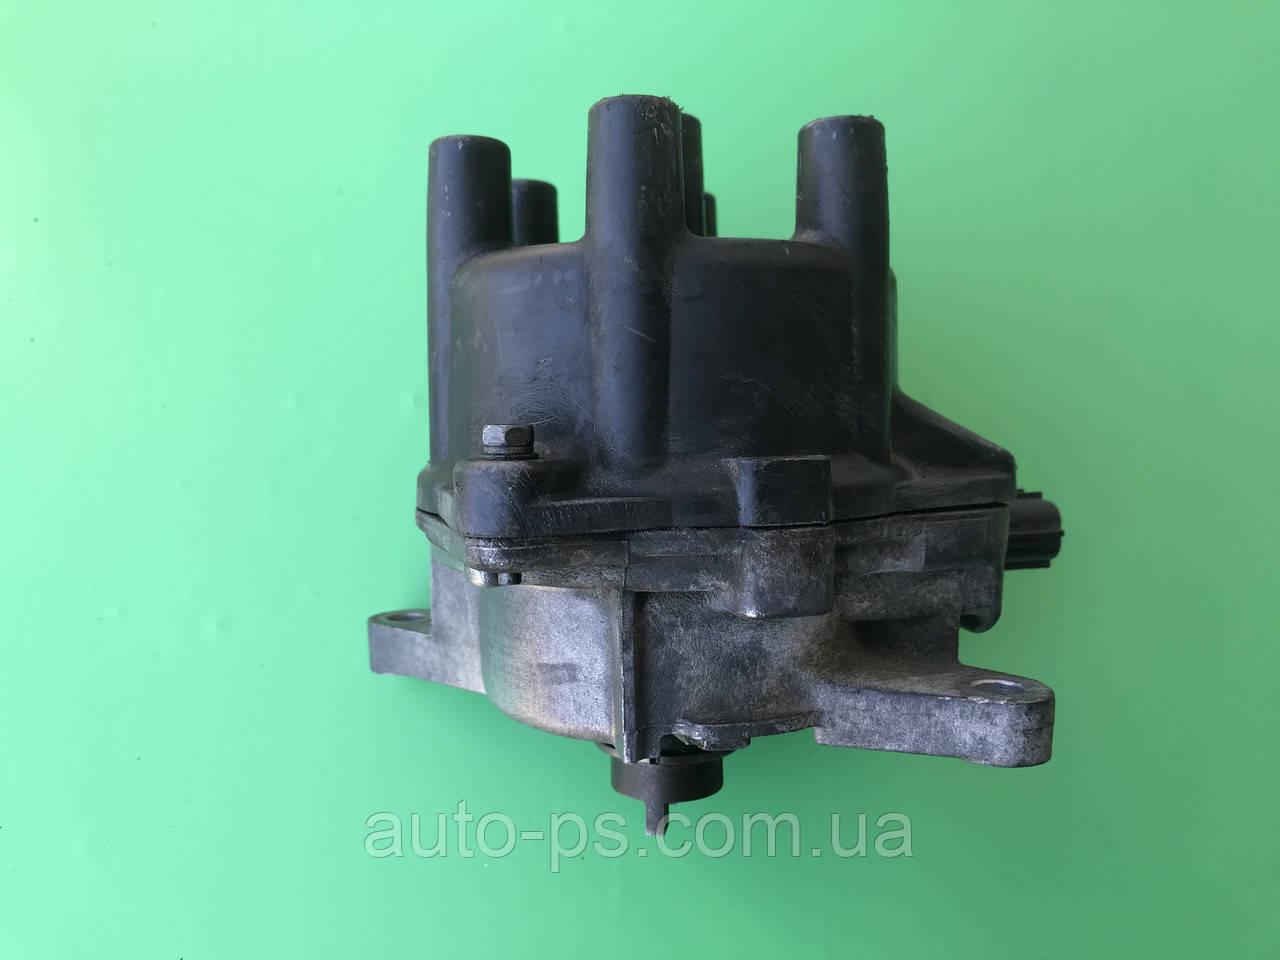 Распределитель зажигания (трамблёр) Honda Accord VI 3.0 V6 1998-1999 год